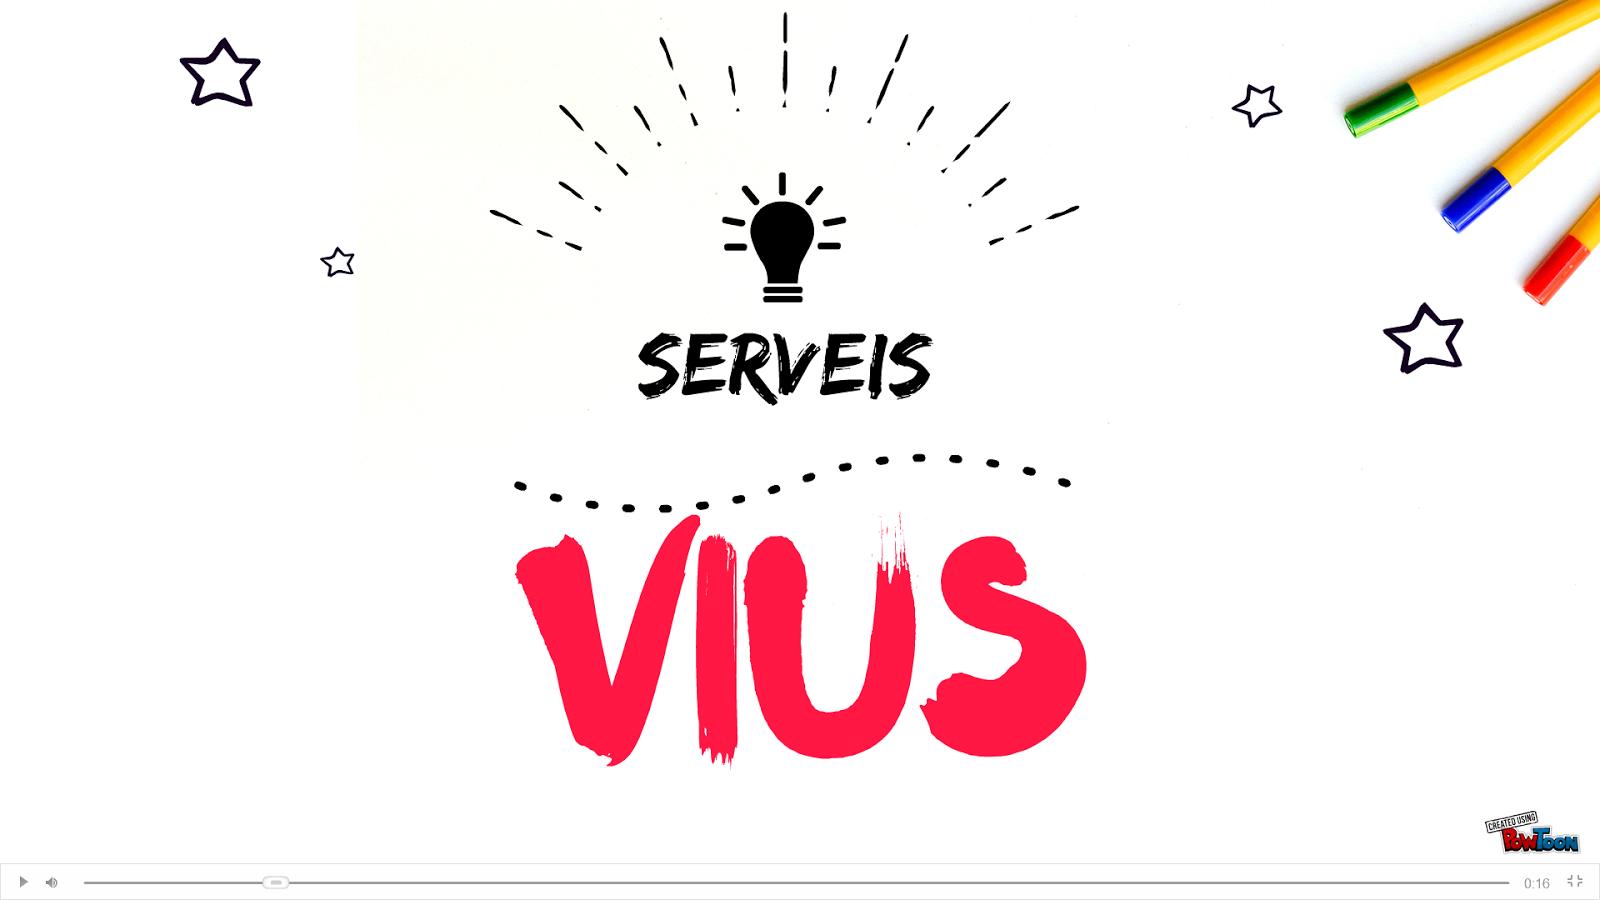 nexus24_logo_serveisvius